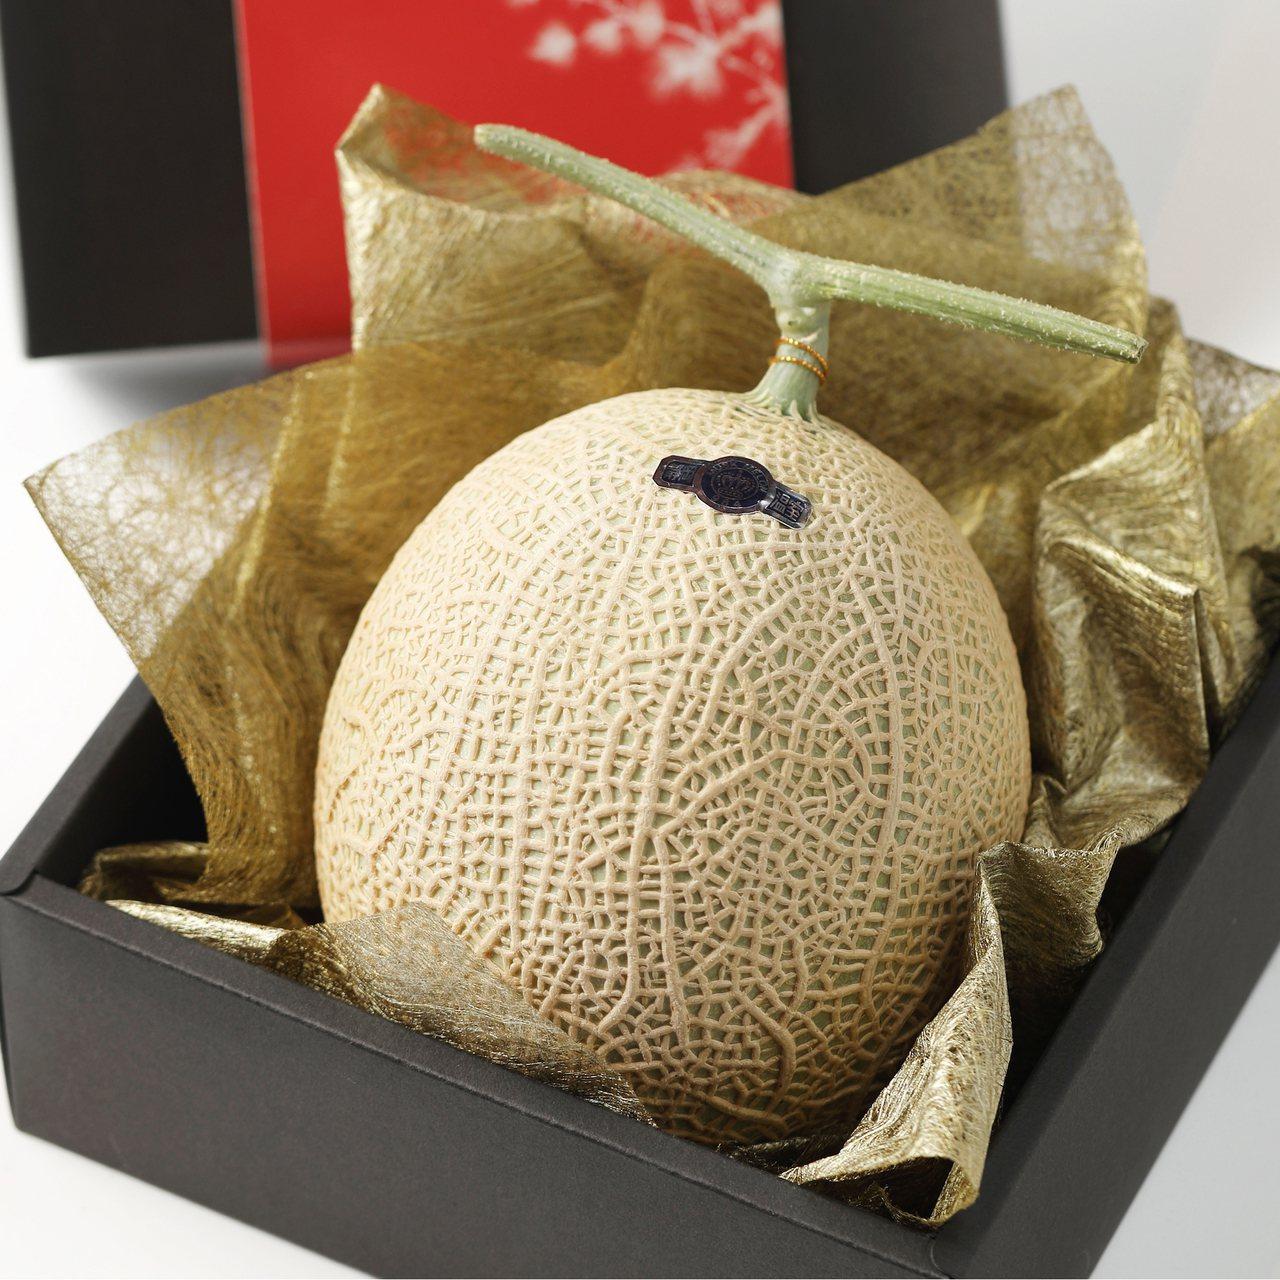 日本皇室御用的靜岡皇冠哈密瓜,甜度達15~20,單顆售價2,000元。圖/樂軒提...